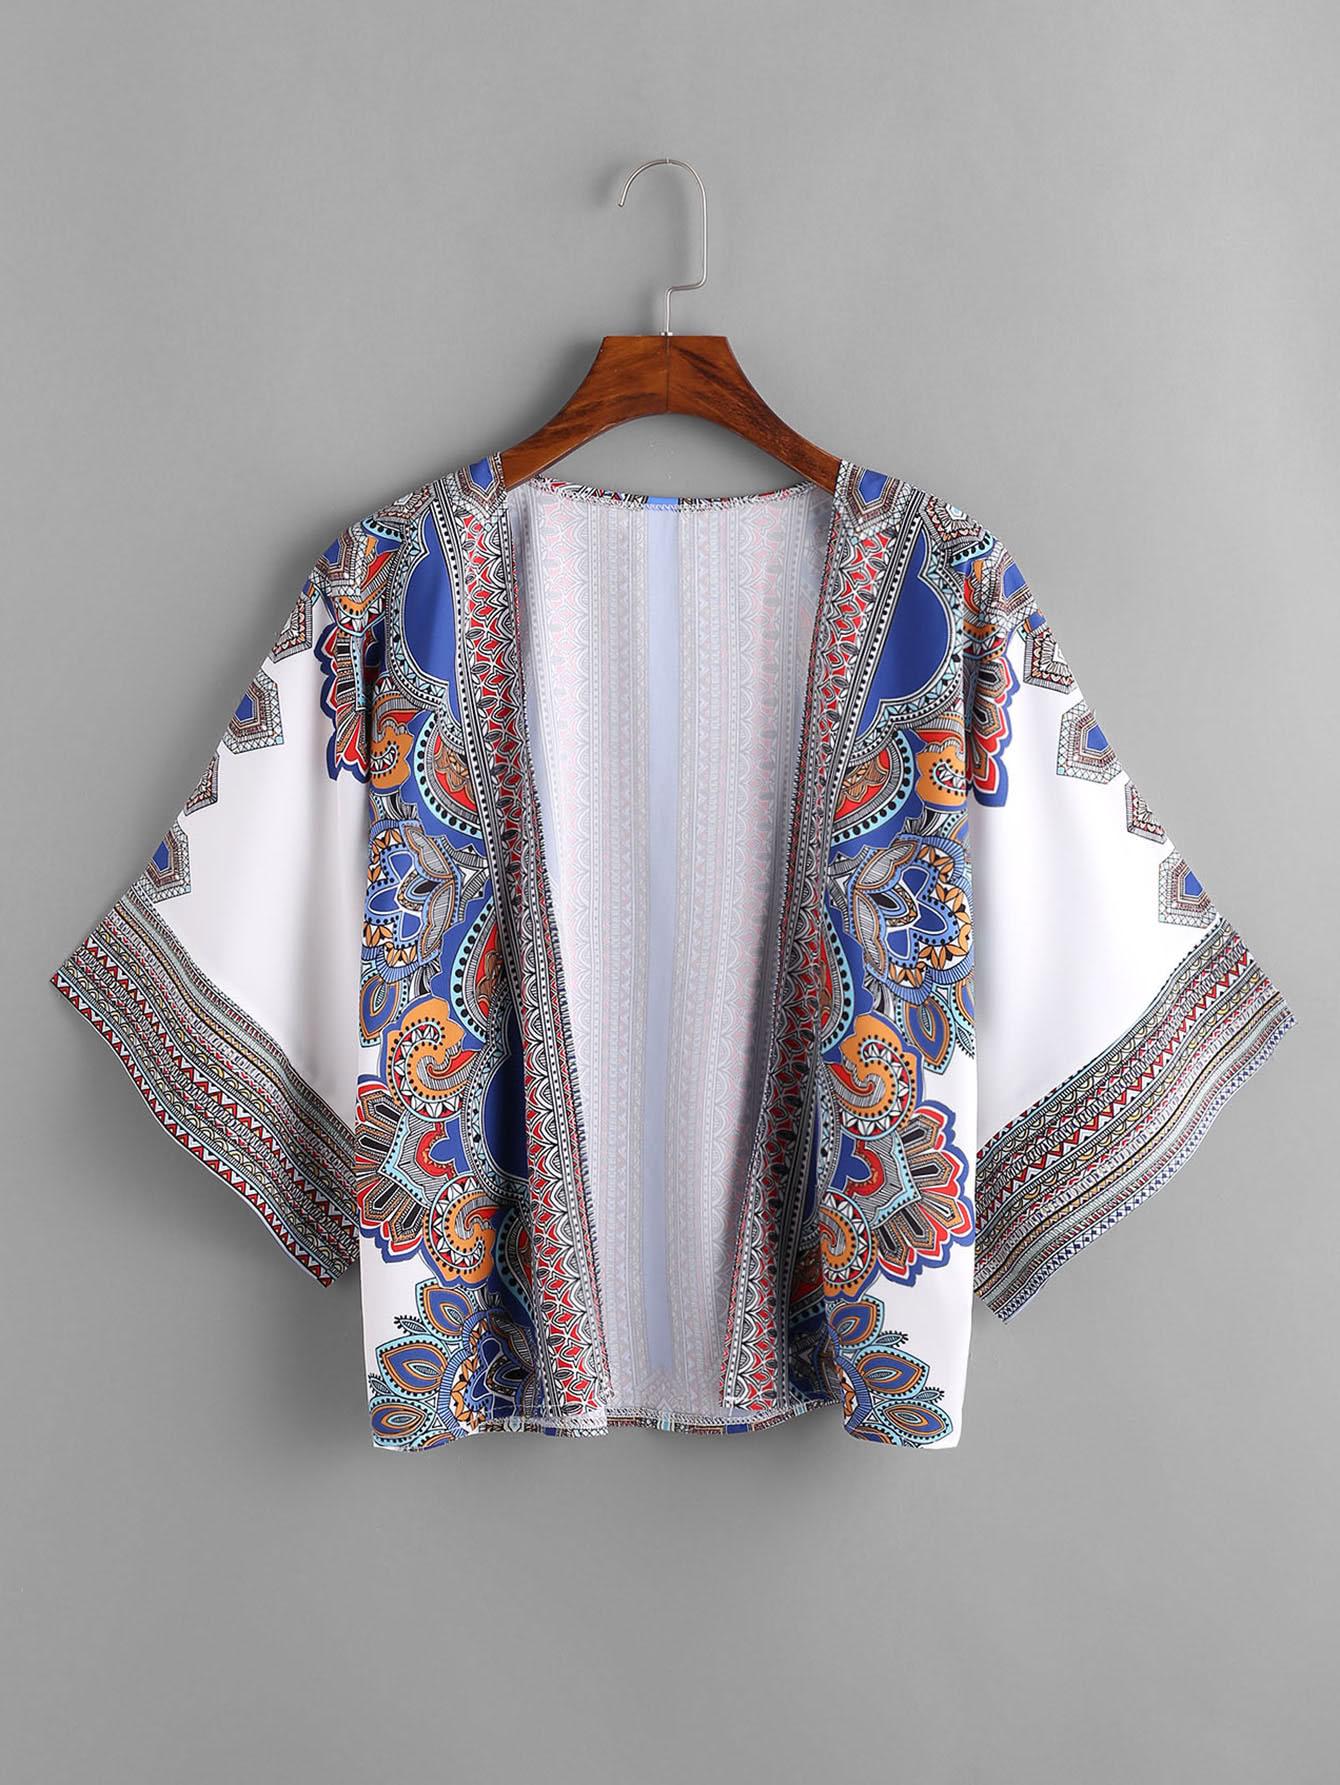 Kimono - Wikipedia 268adc05d